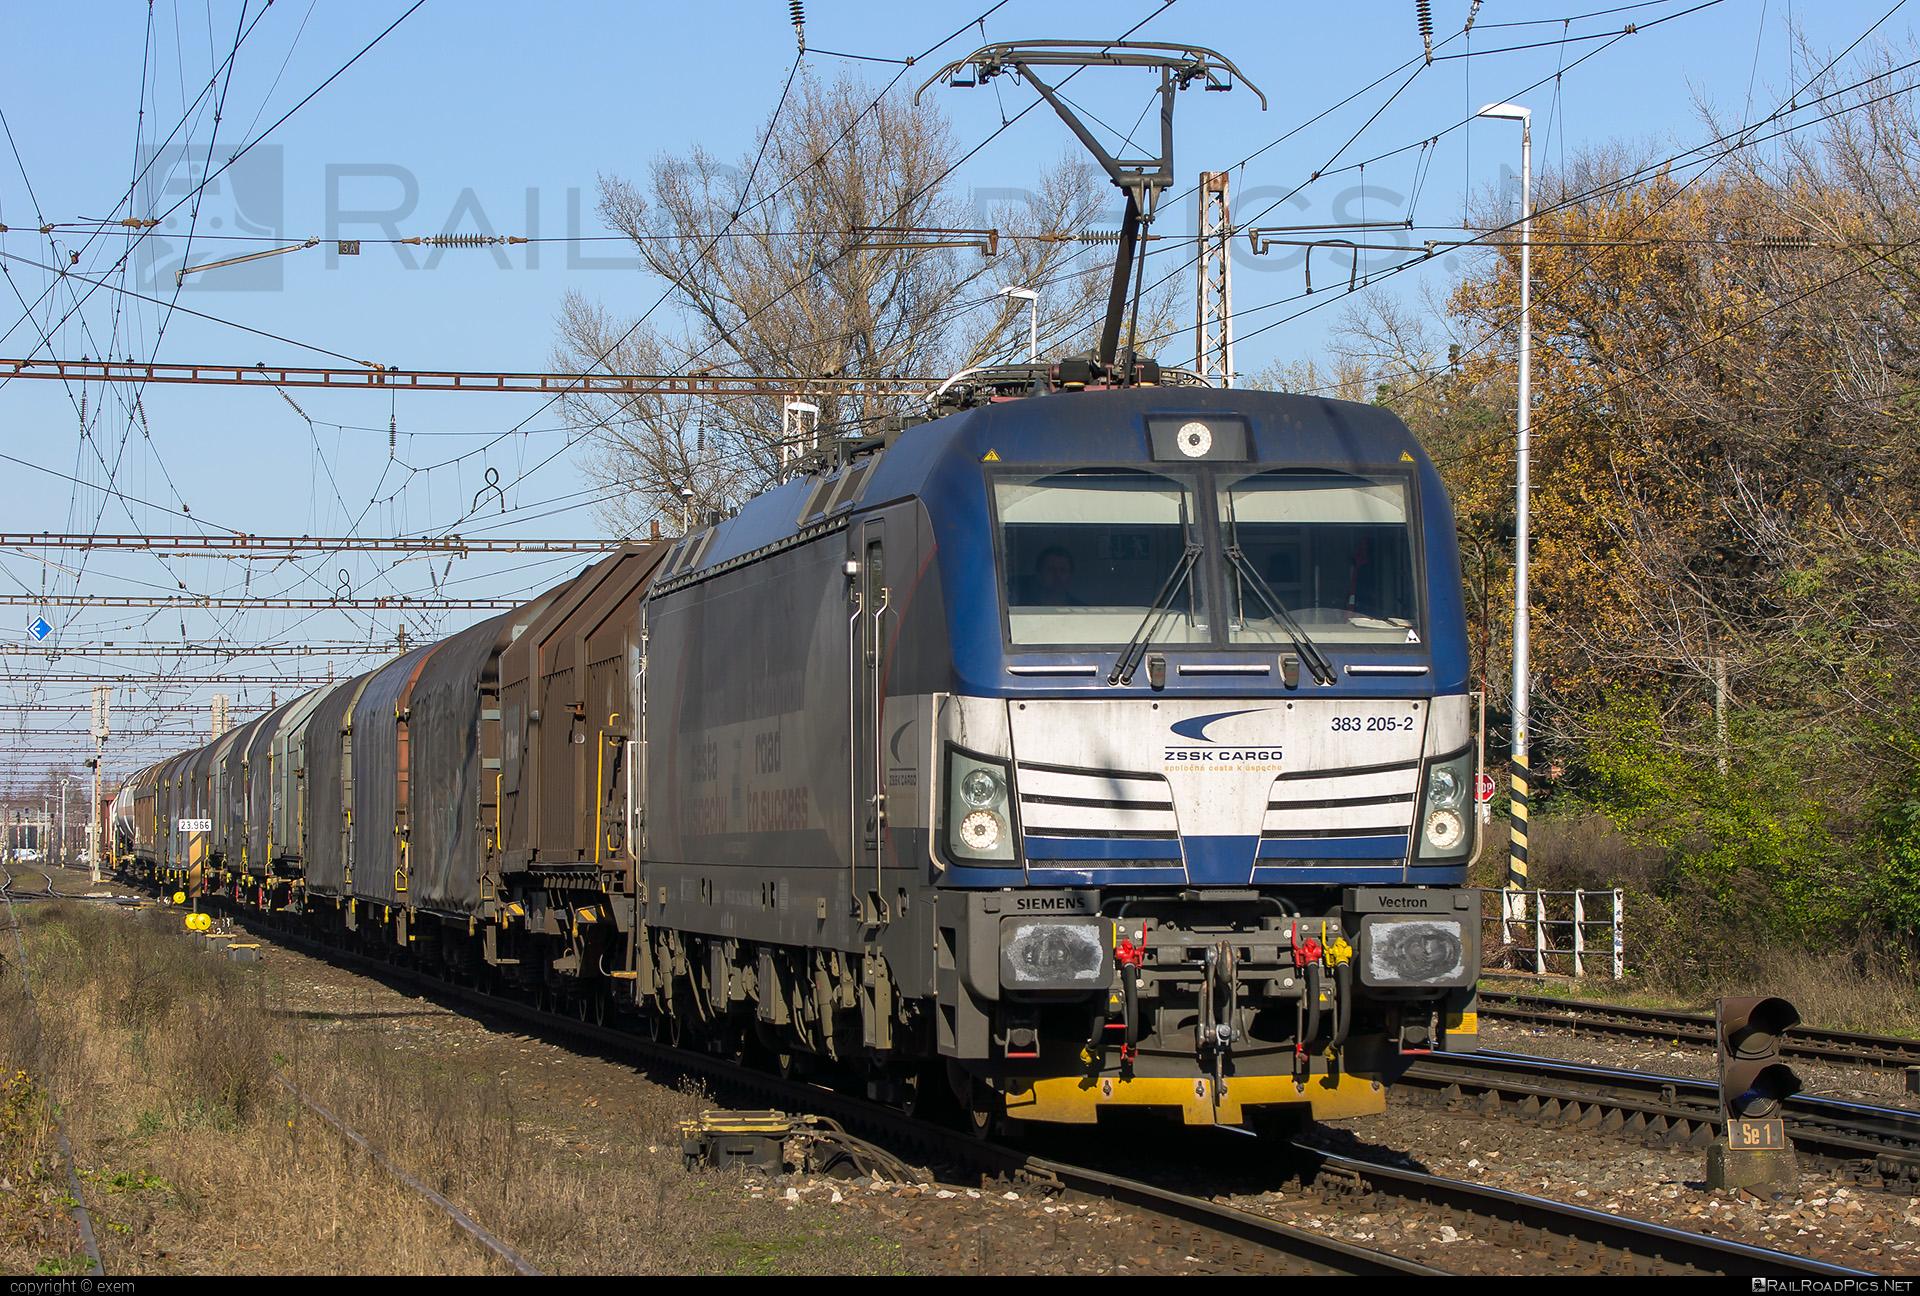 Siemens Vectron MS - 383 205-2 operated by Železničná Spoločnost' Cargo Slovakia a.s. #SRailLease #SRailLeaseSro #ZeleznicnaSpolocnostCargoSlovakia #raill #siemens #siemensvectron #siemensvectronms #vectron #vectronms #zsskcargo